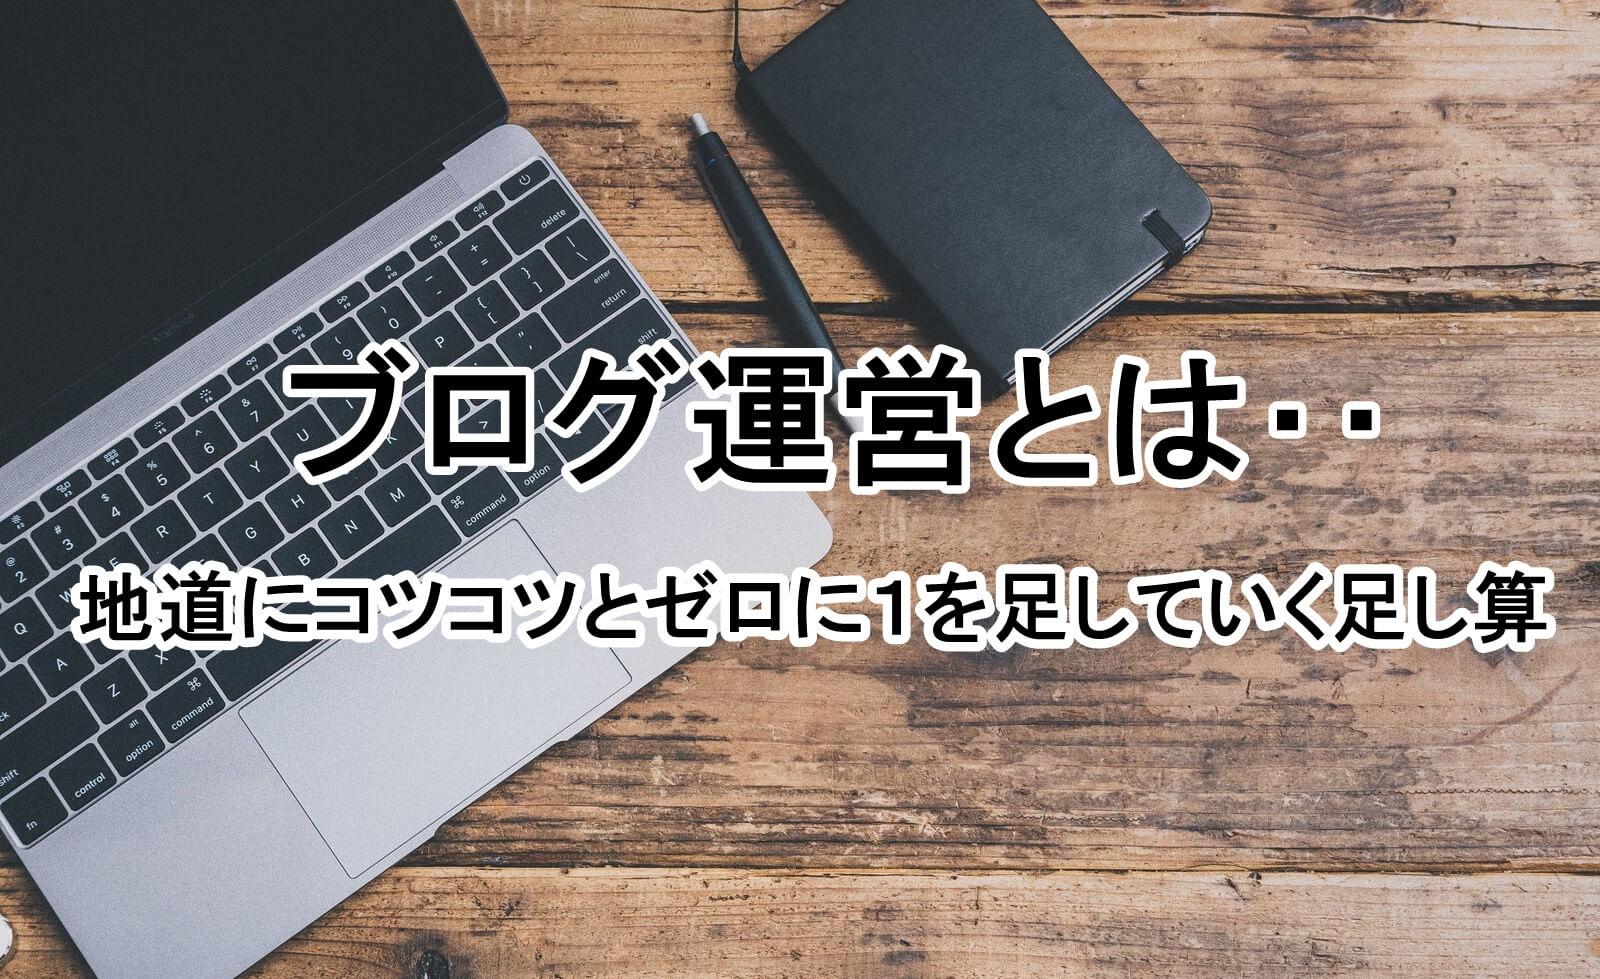 ノートパソコンとメモ帳